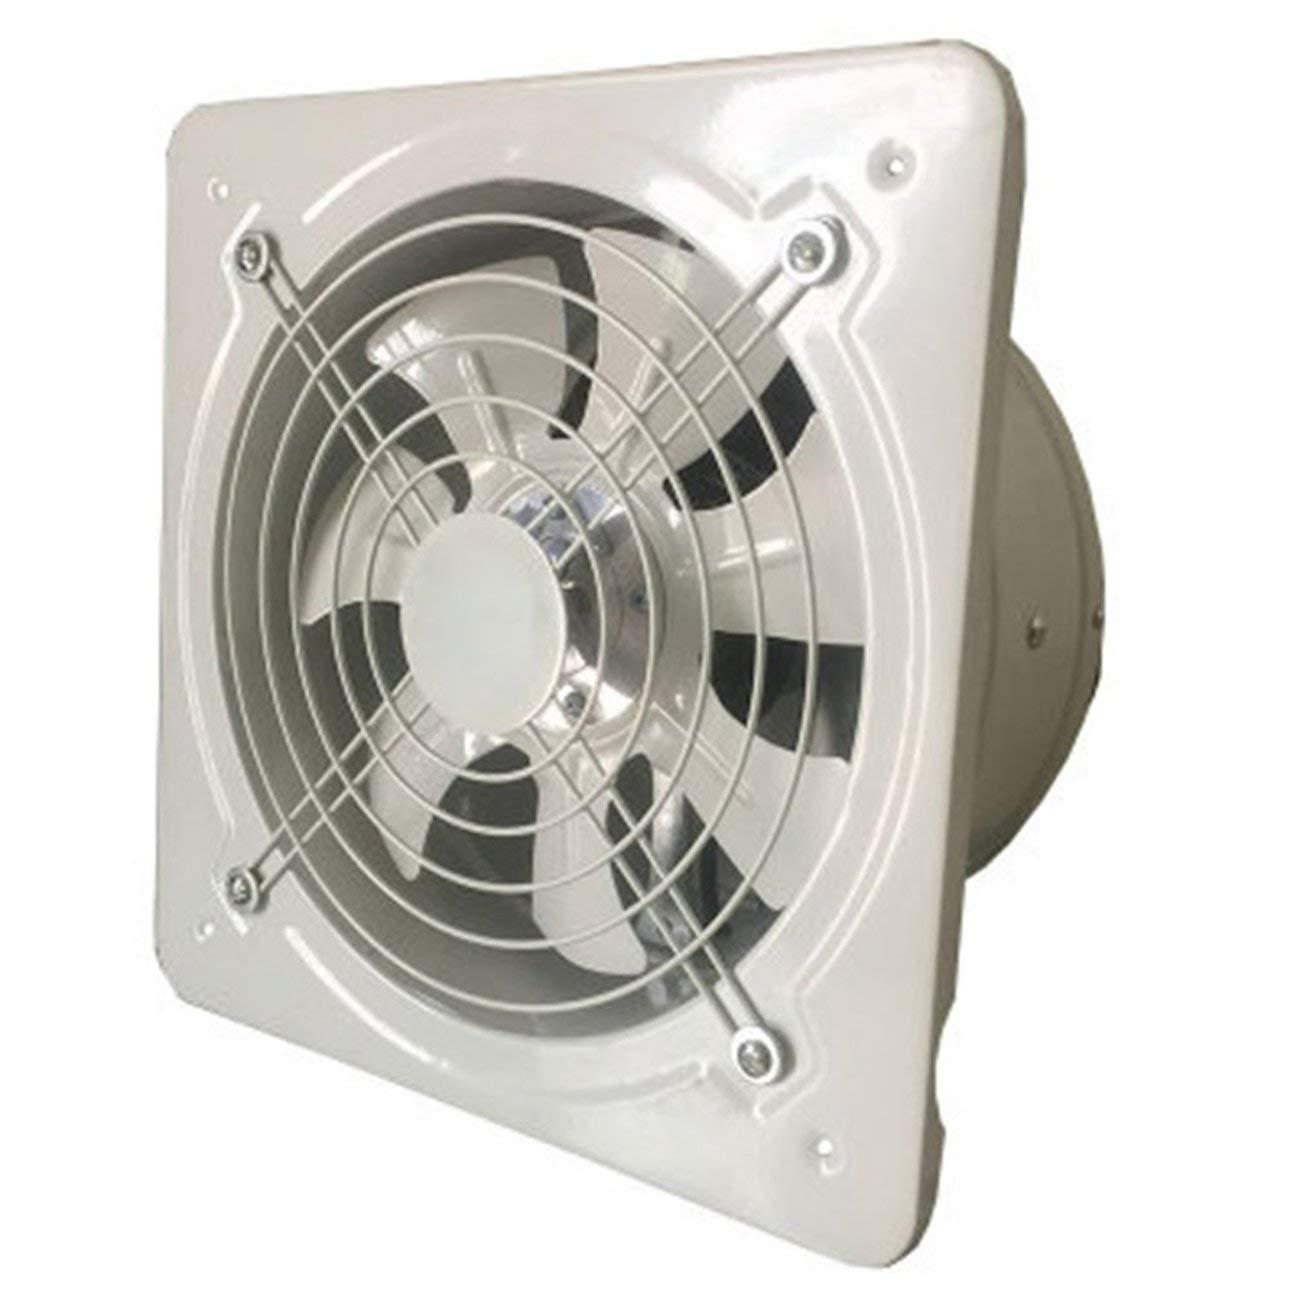 fan comercial del ventilador del extractor de aire del extractor de metal del extractor industrial Fannty Ventilador de ventilaci/ón industrial de la fan del extractor